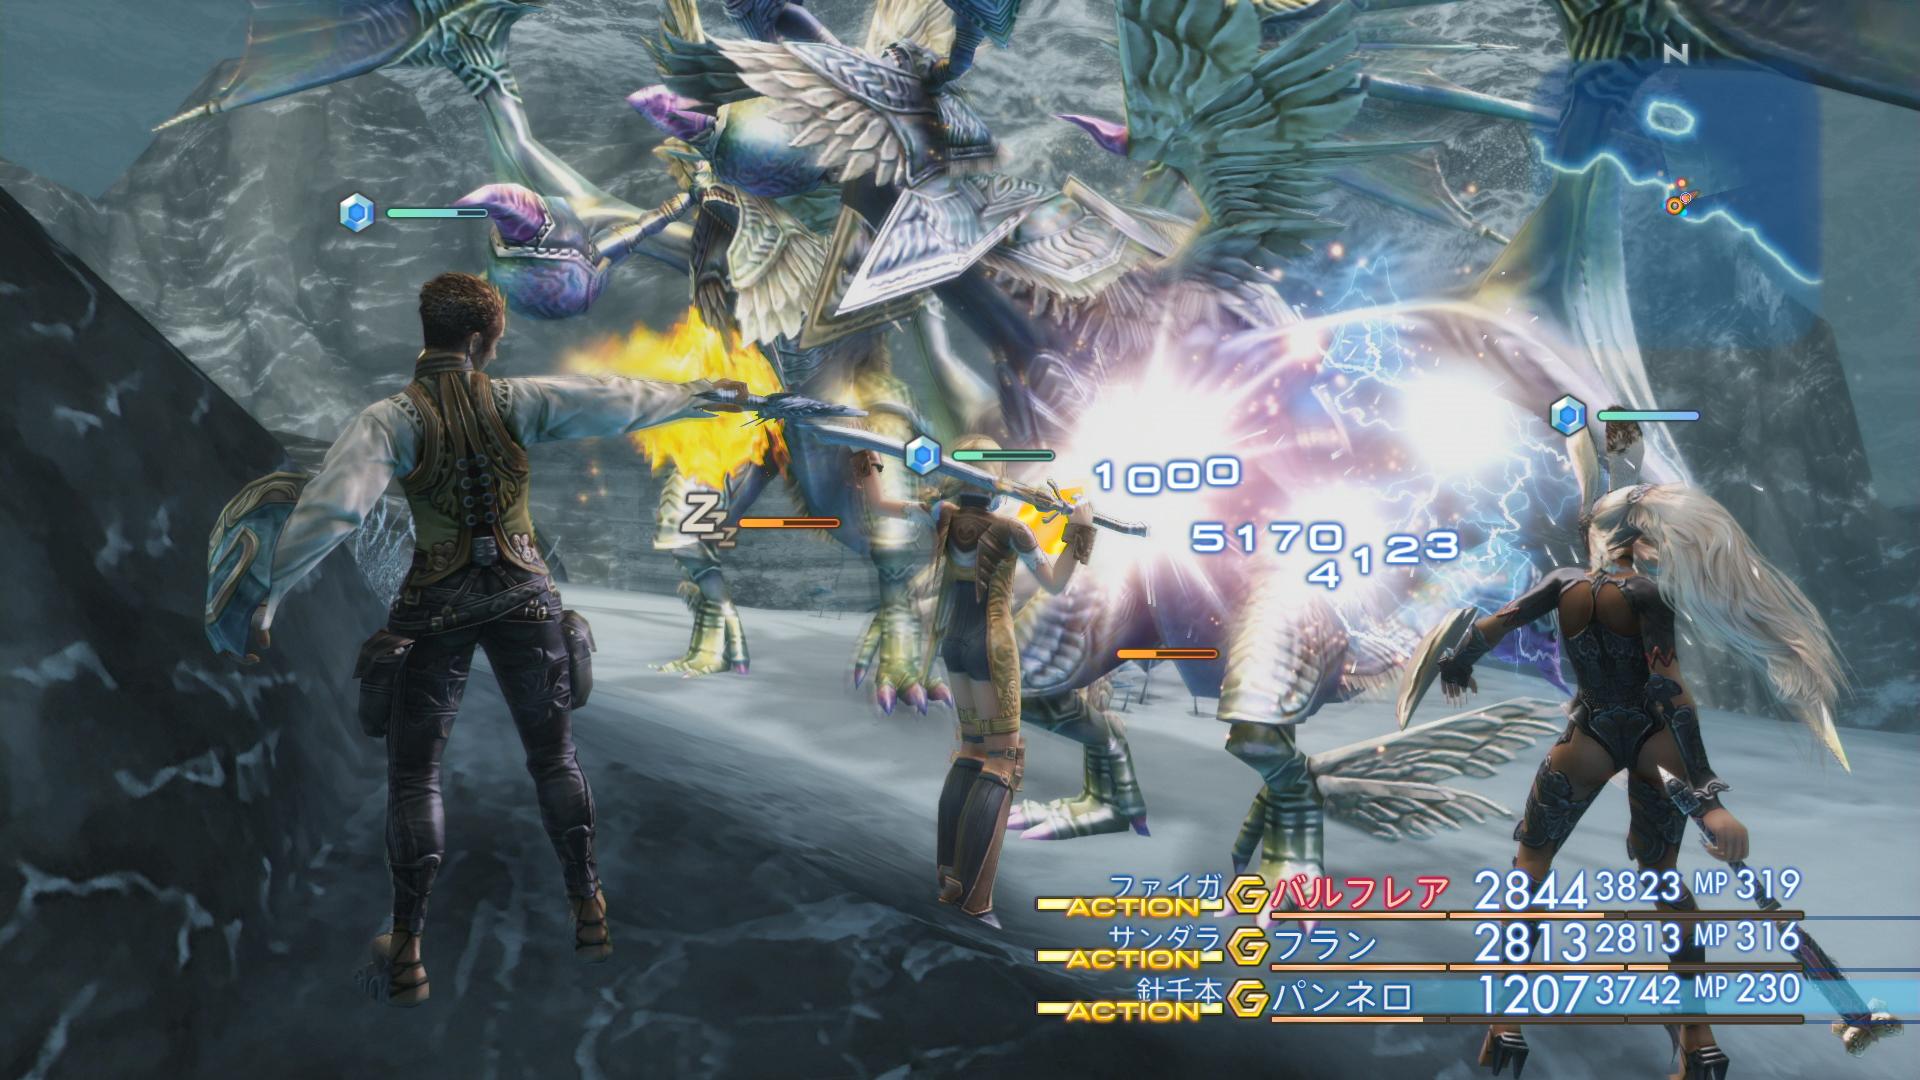 Final Fantasy Xii The Zodiac Age Ffxii Remaster Manaleak Com